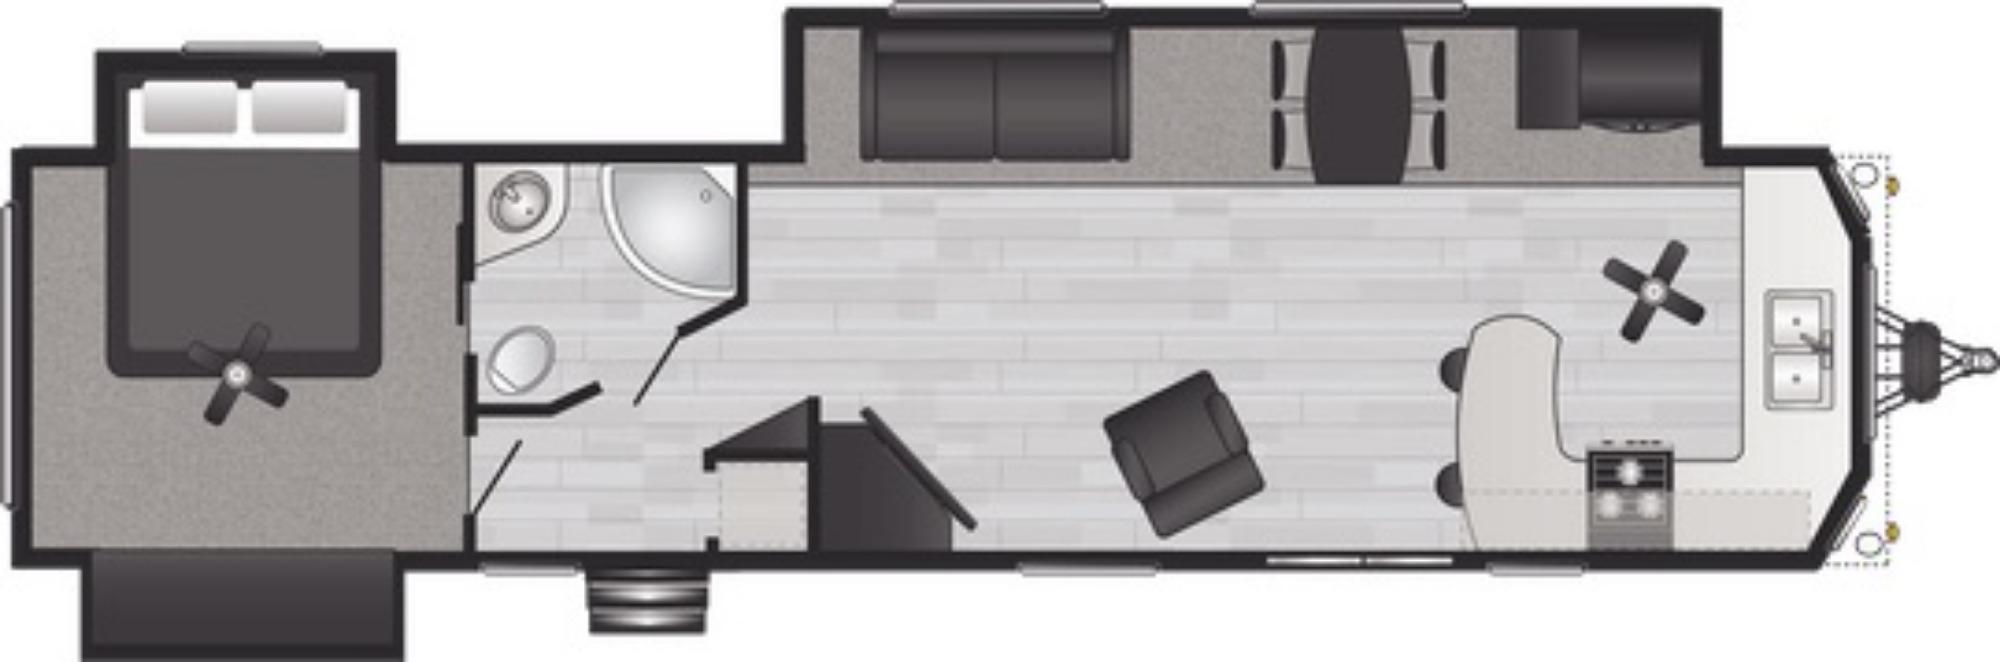 View Floor Plan for 2021 KEYSTONE RETREAT 39FKSS